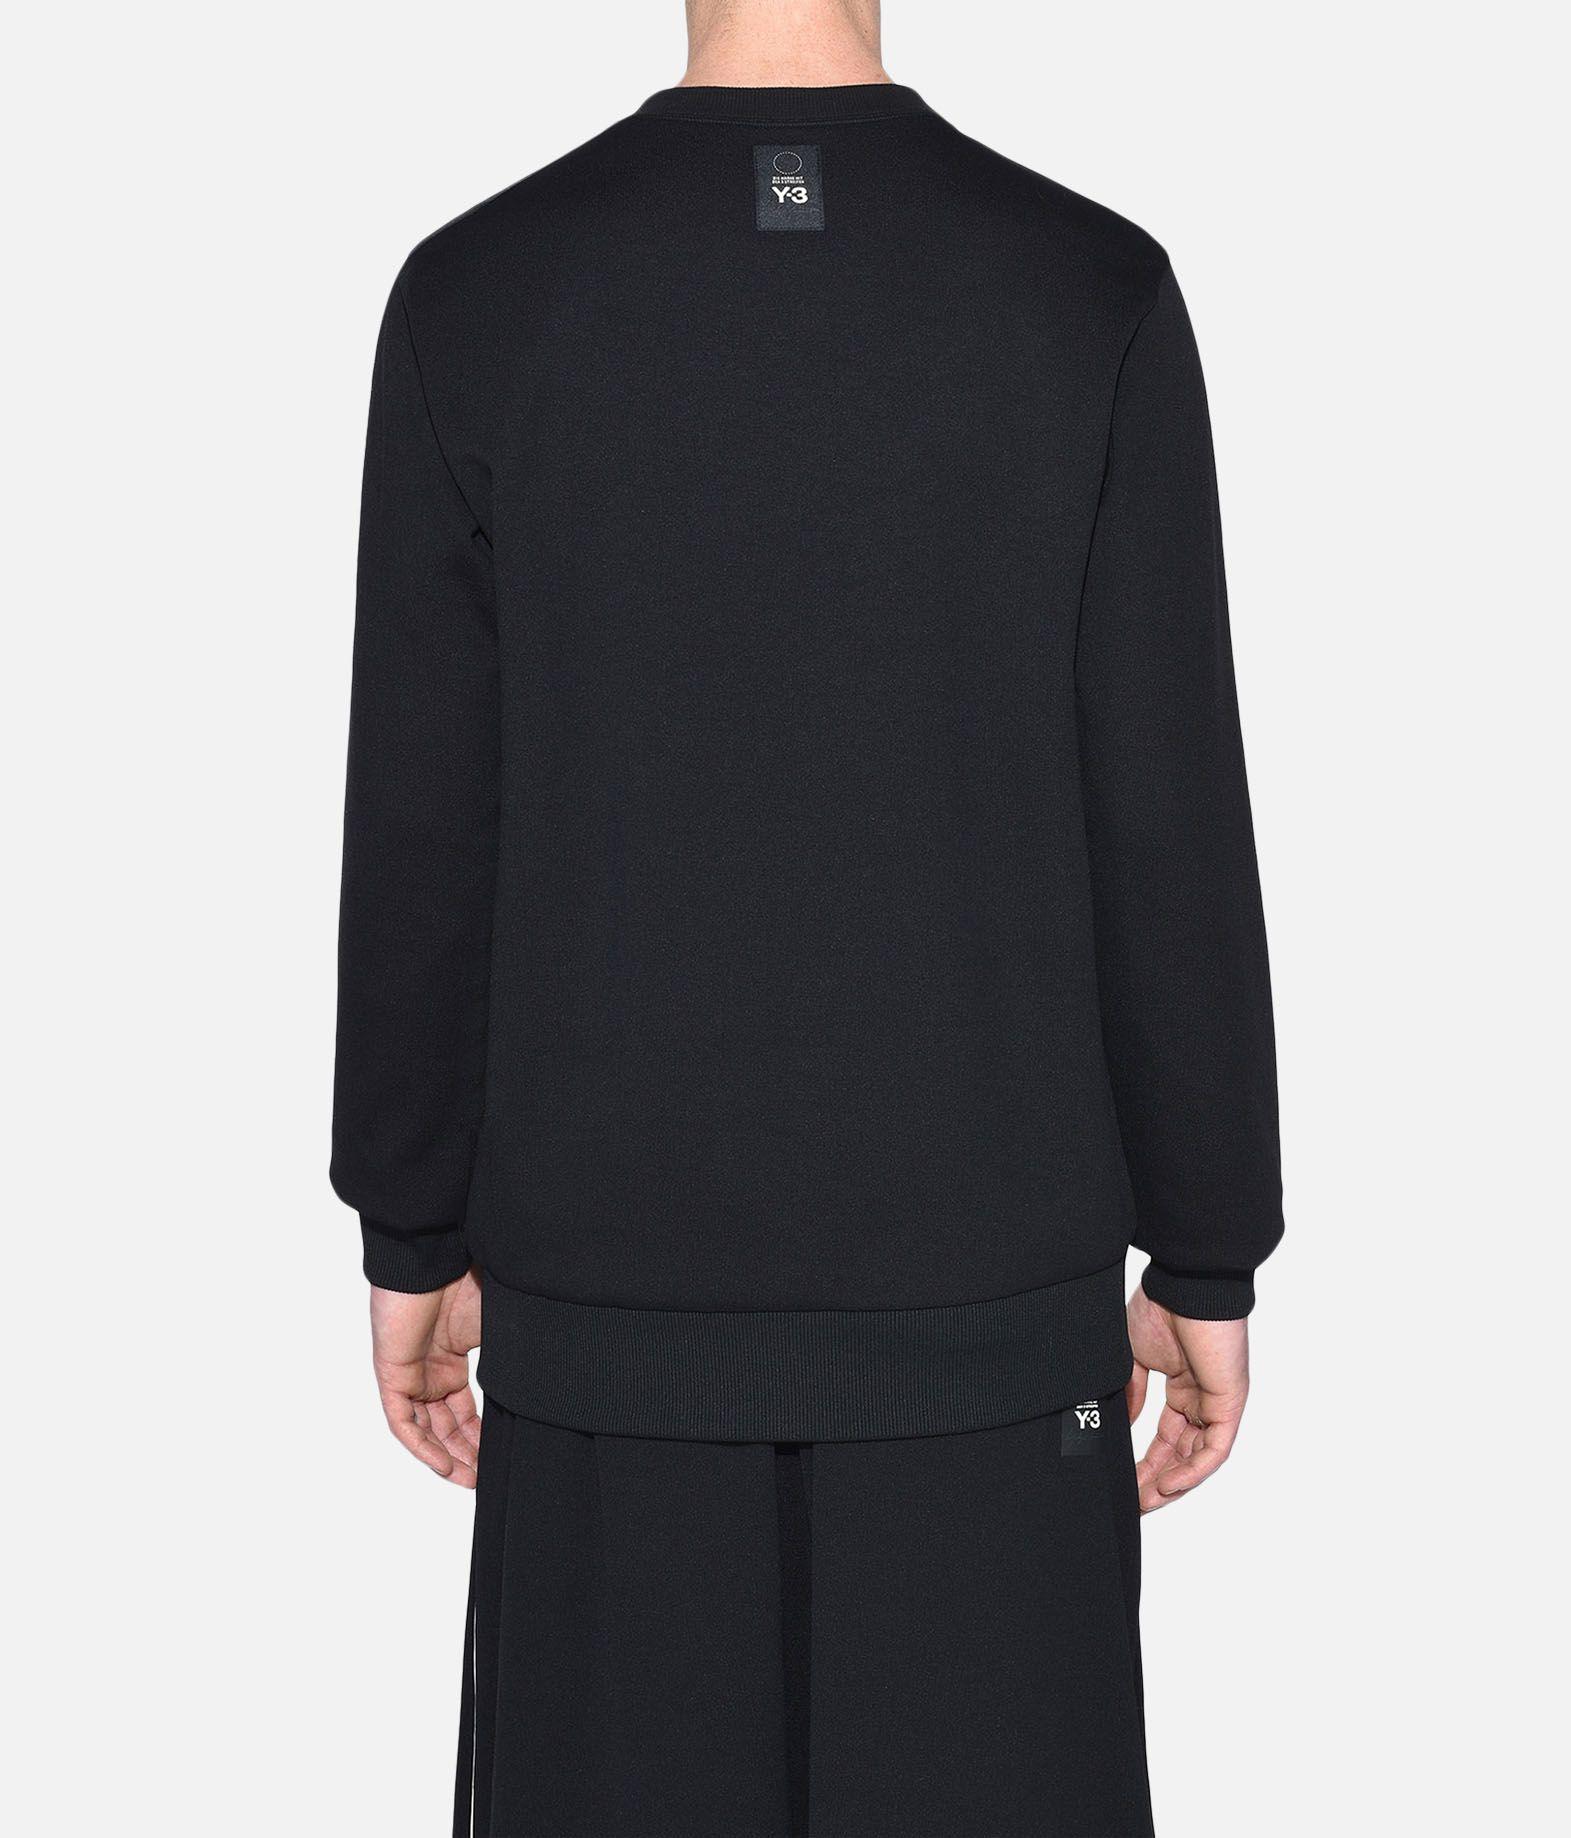 Y-3 Y-3 Patchwork Sweater Felpa Uomo d